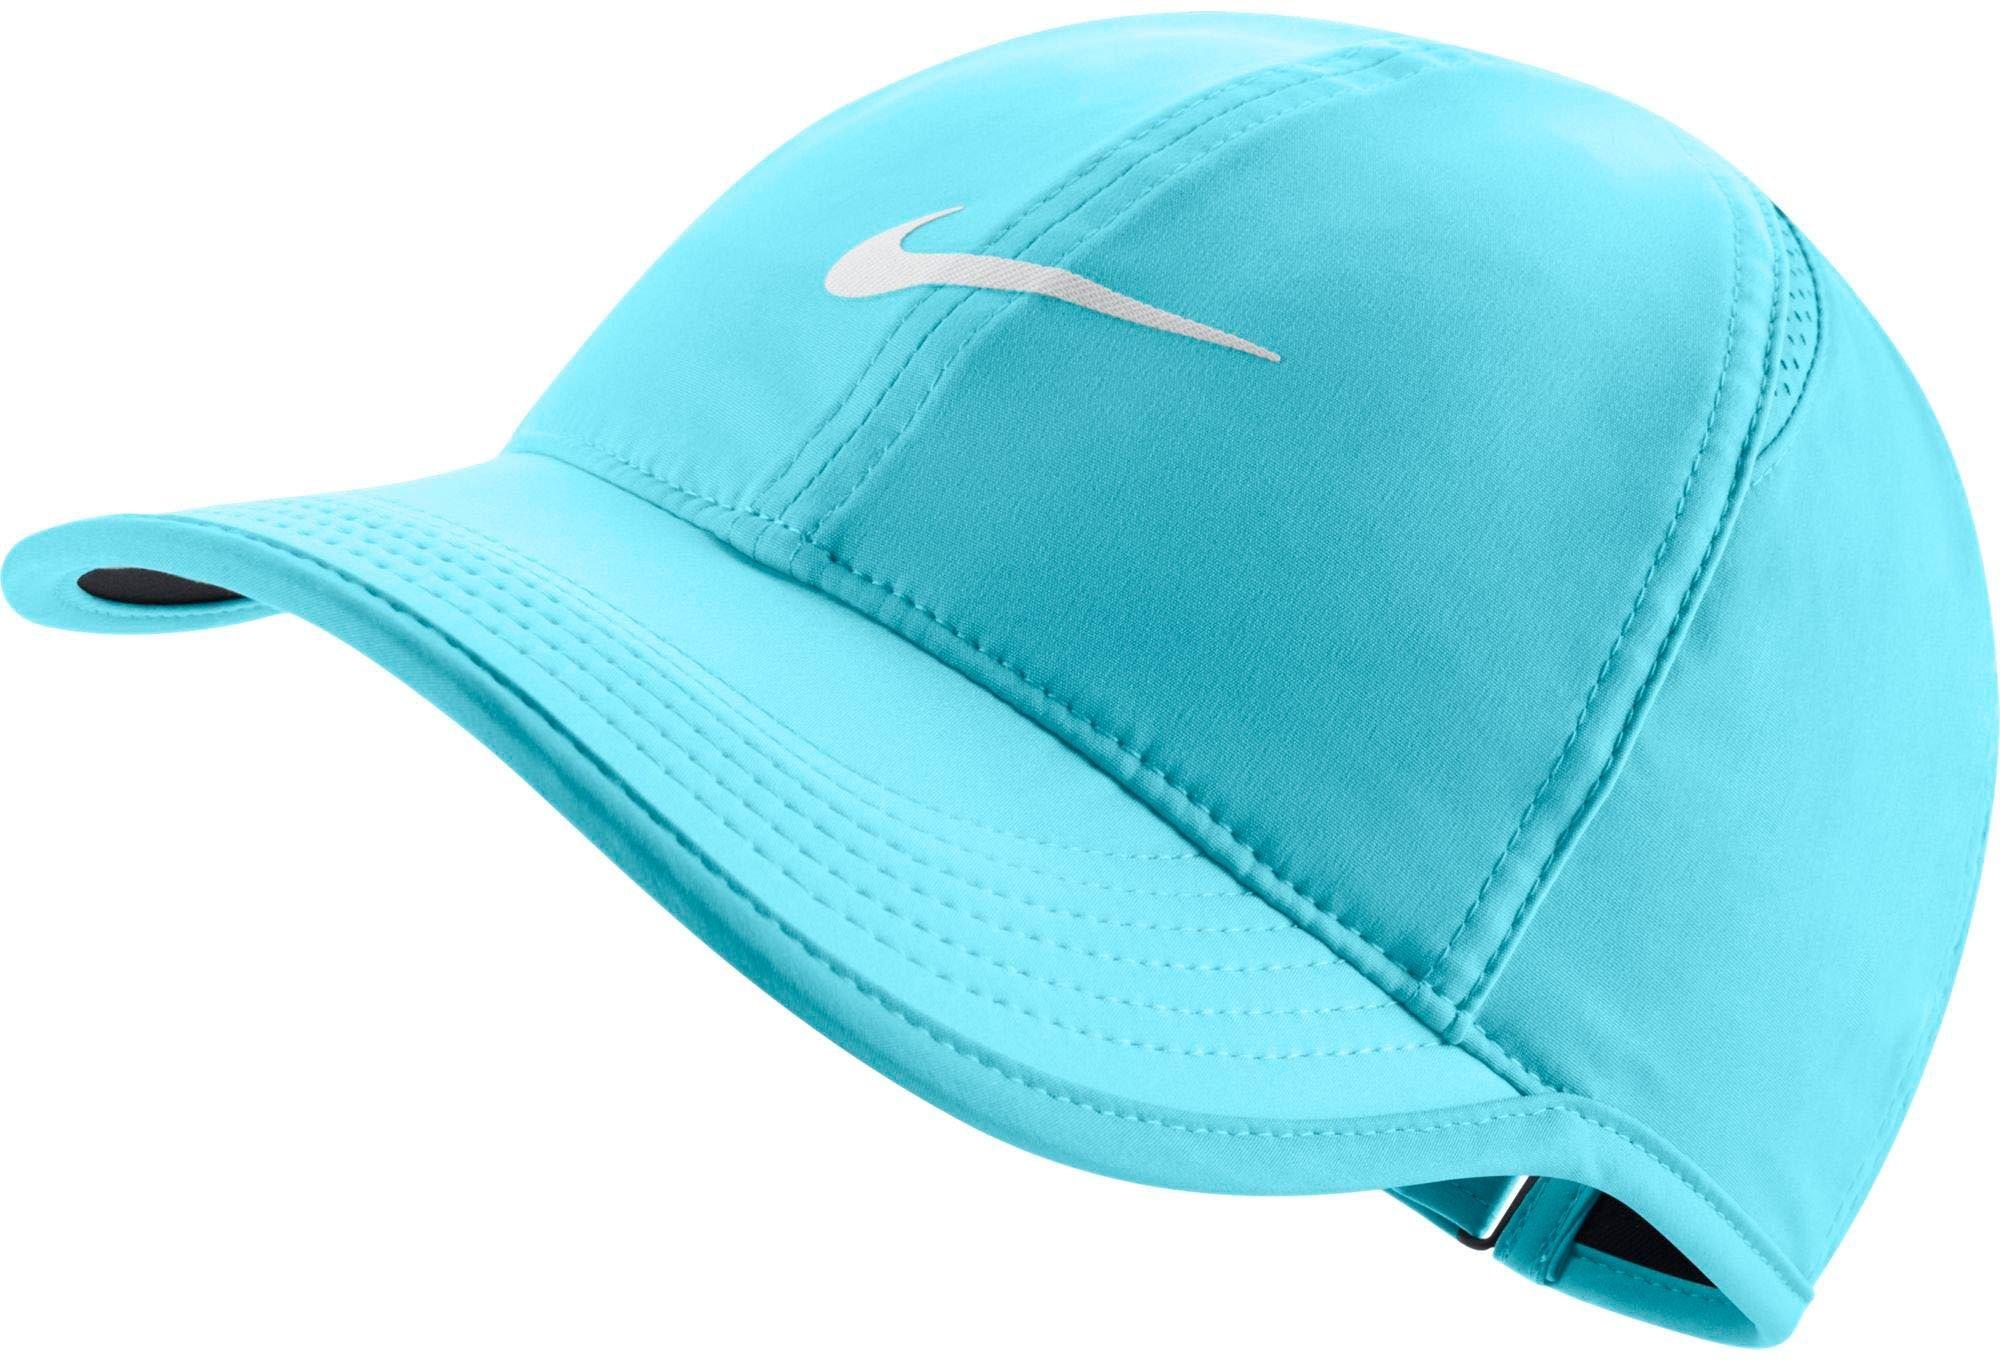 Nike Womens Feather Light Adjustable Hat(Polarized Blue, OneSizeFitsAll)